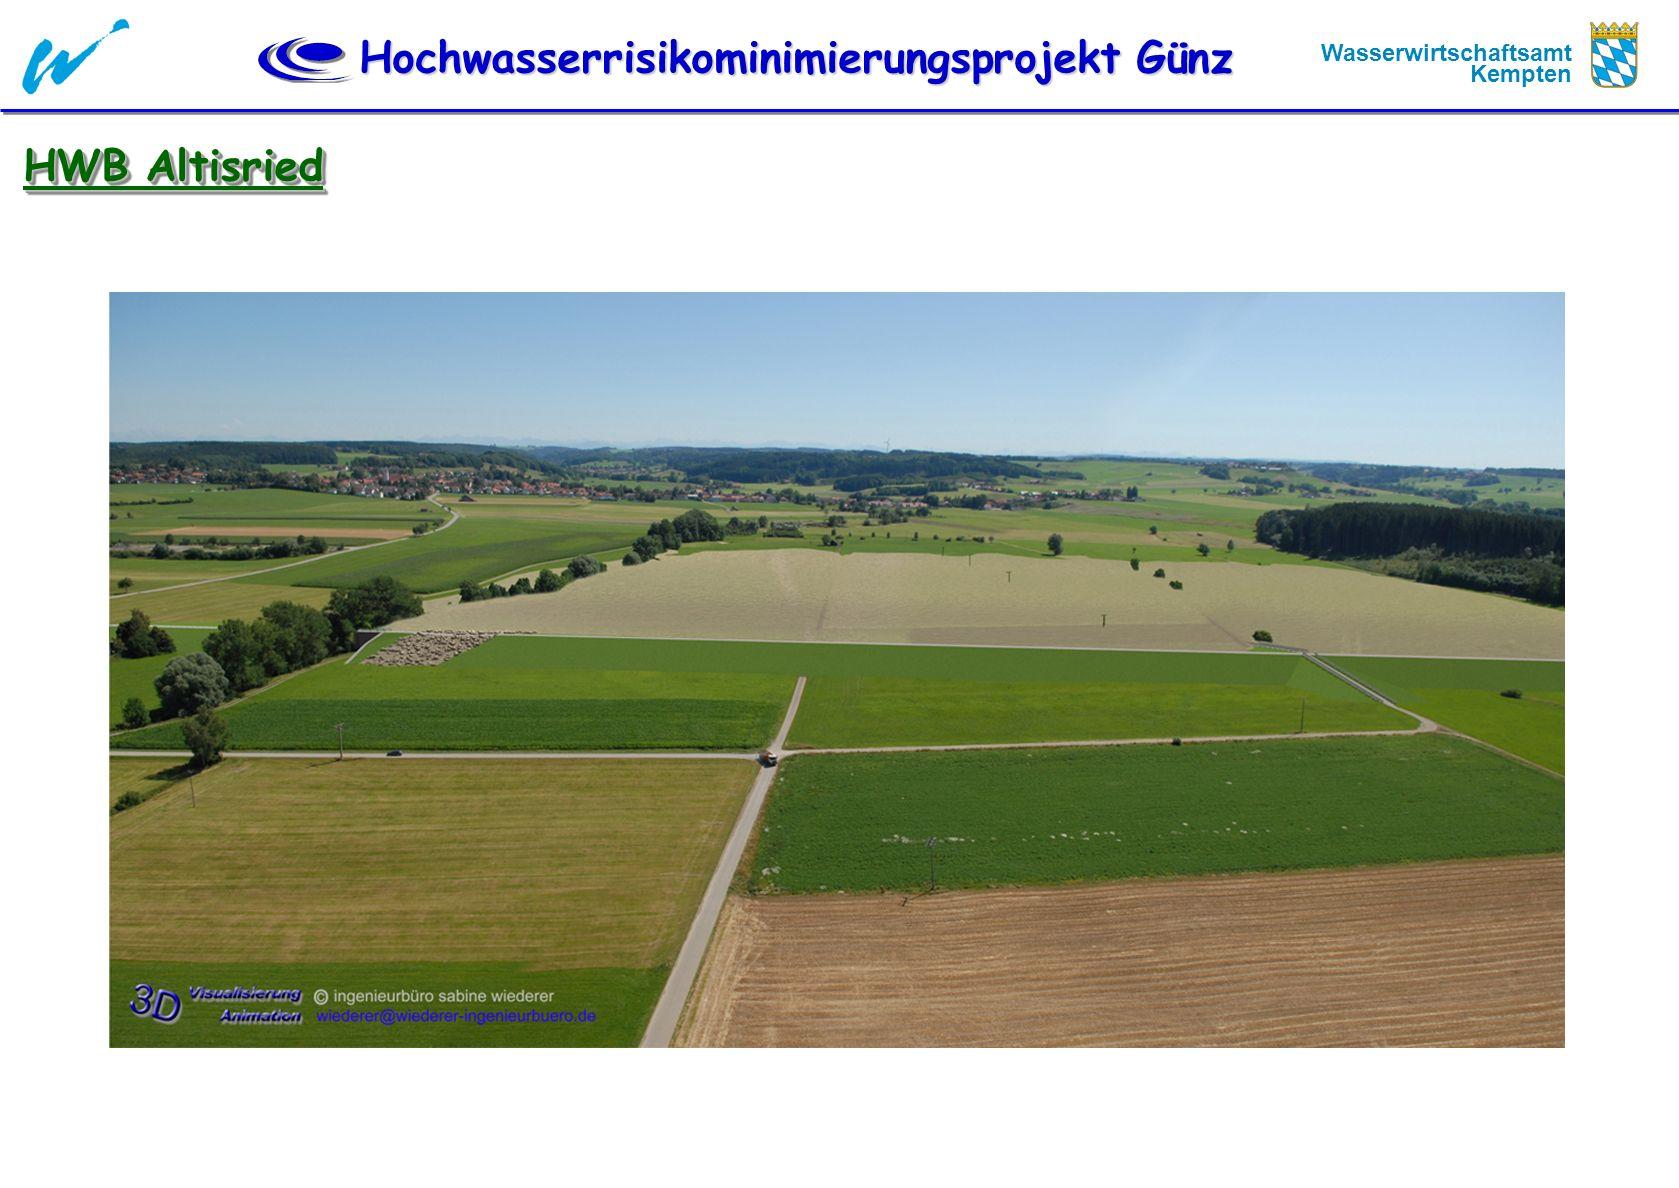 Hochwasserrisikominimierungsprojekt Günz Wasserwirtschaftsamt Kempten HWB Altisried